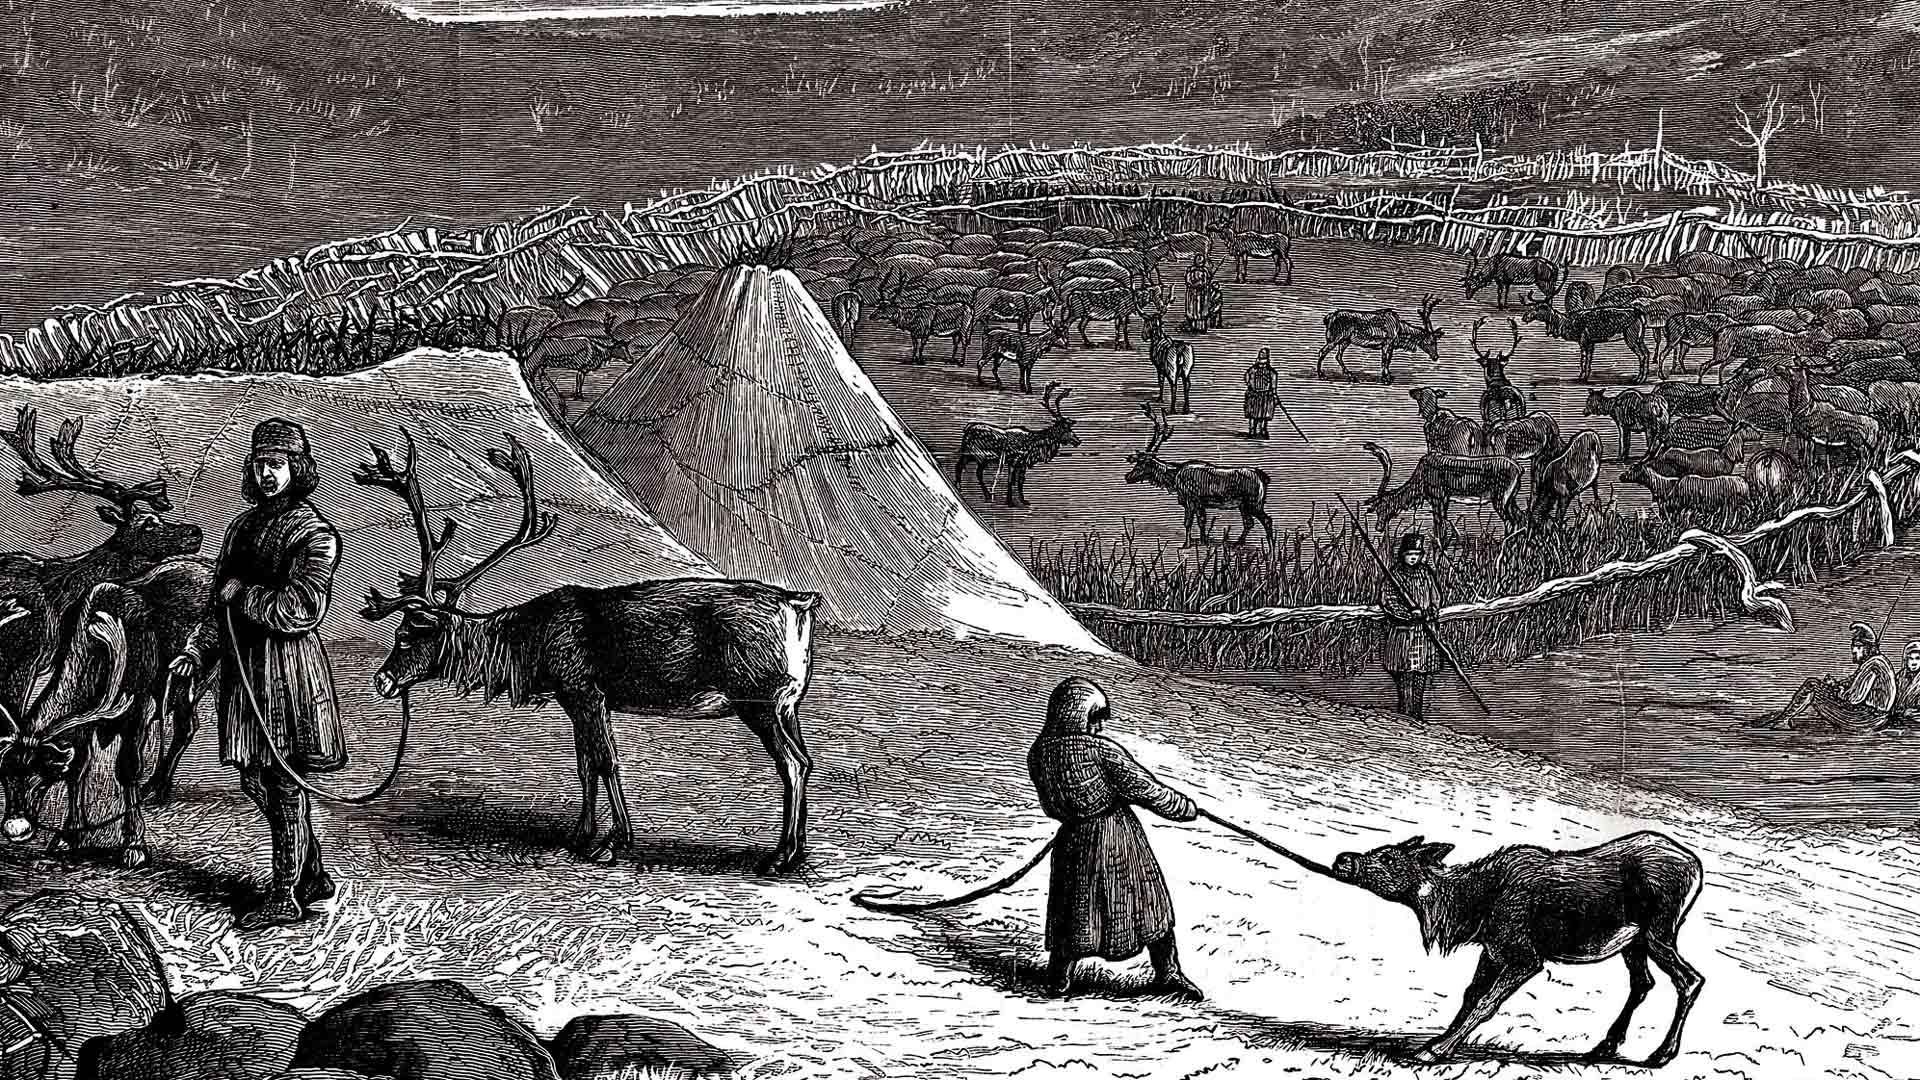 Kuvaus saamelaisten leiristä 1800-luvulta.